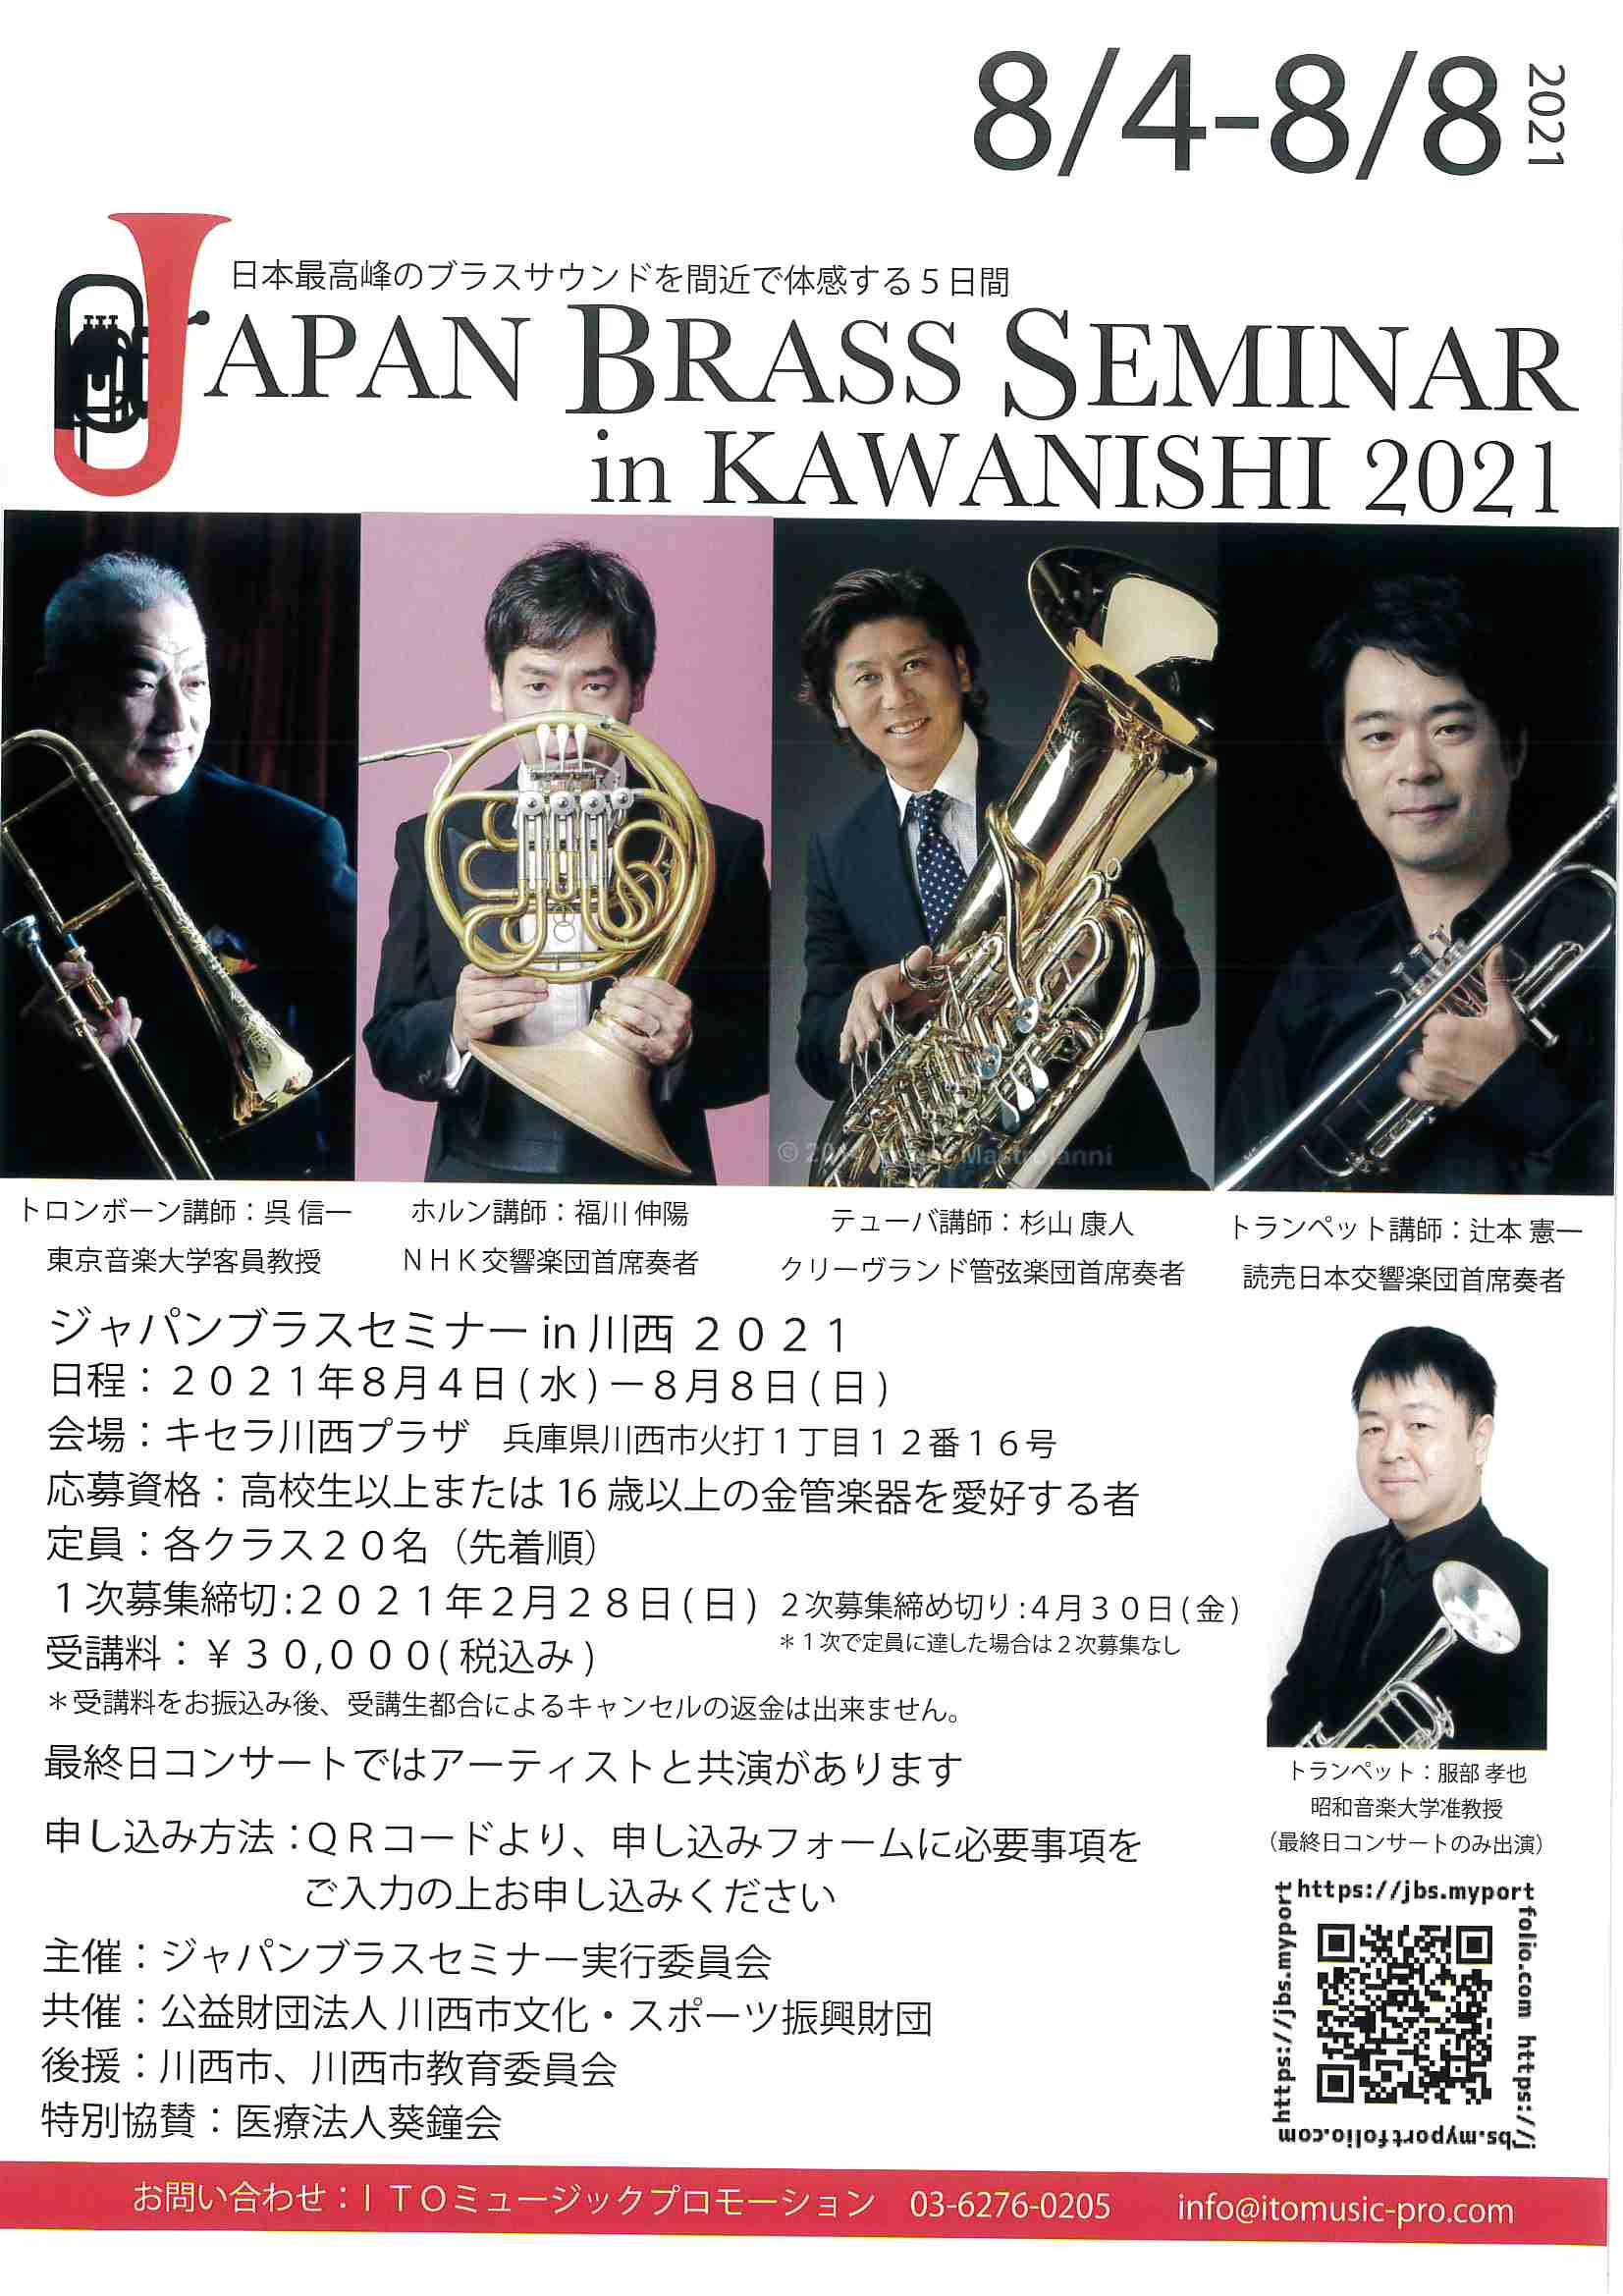 ジャパンブラスセミナー in川西 2021